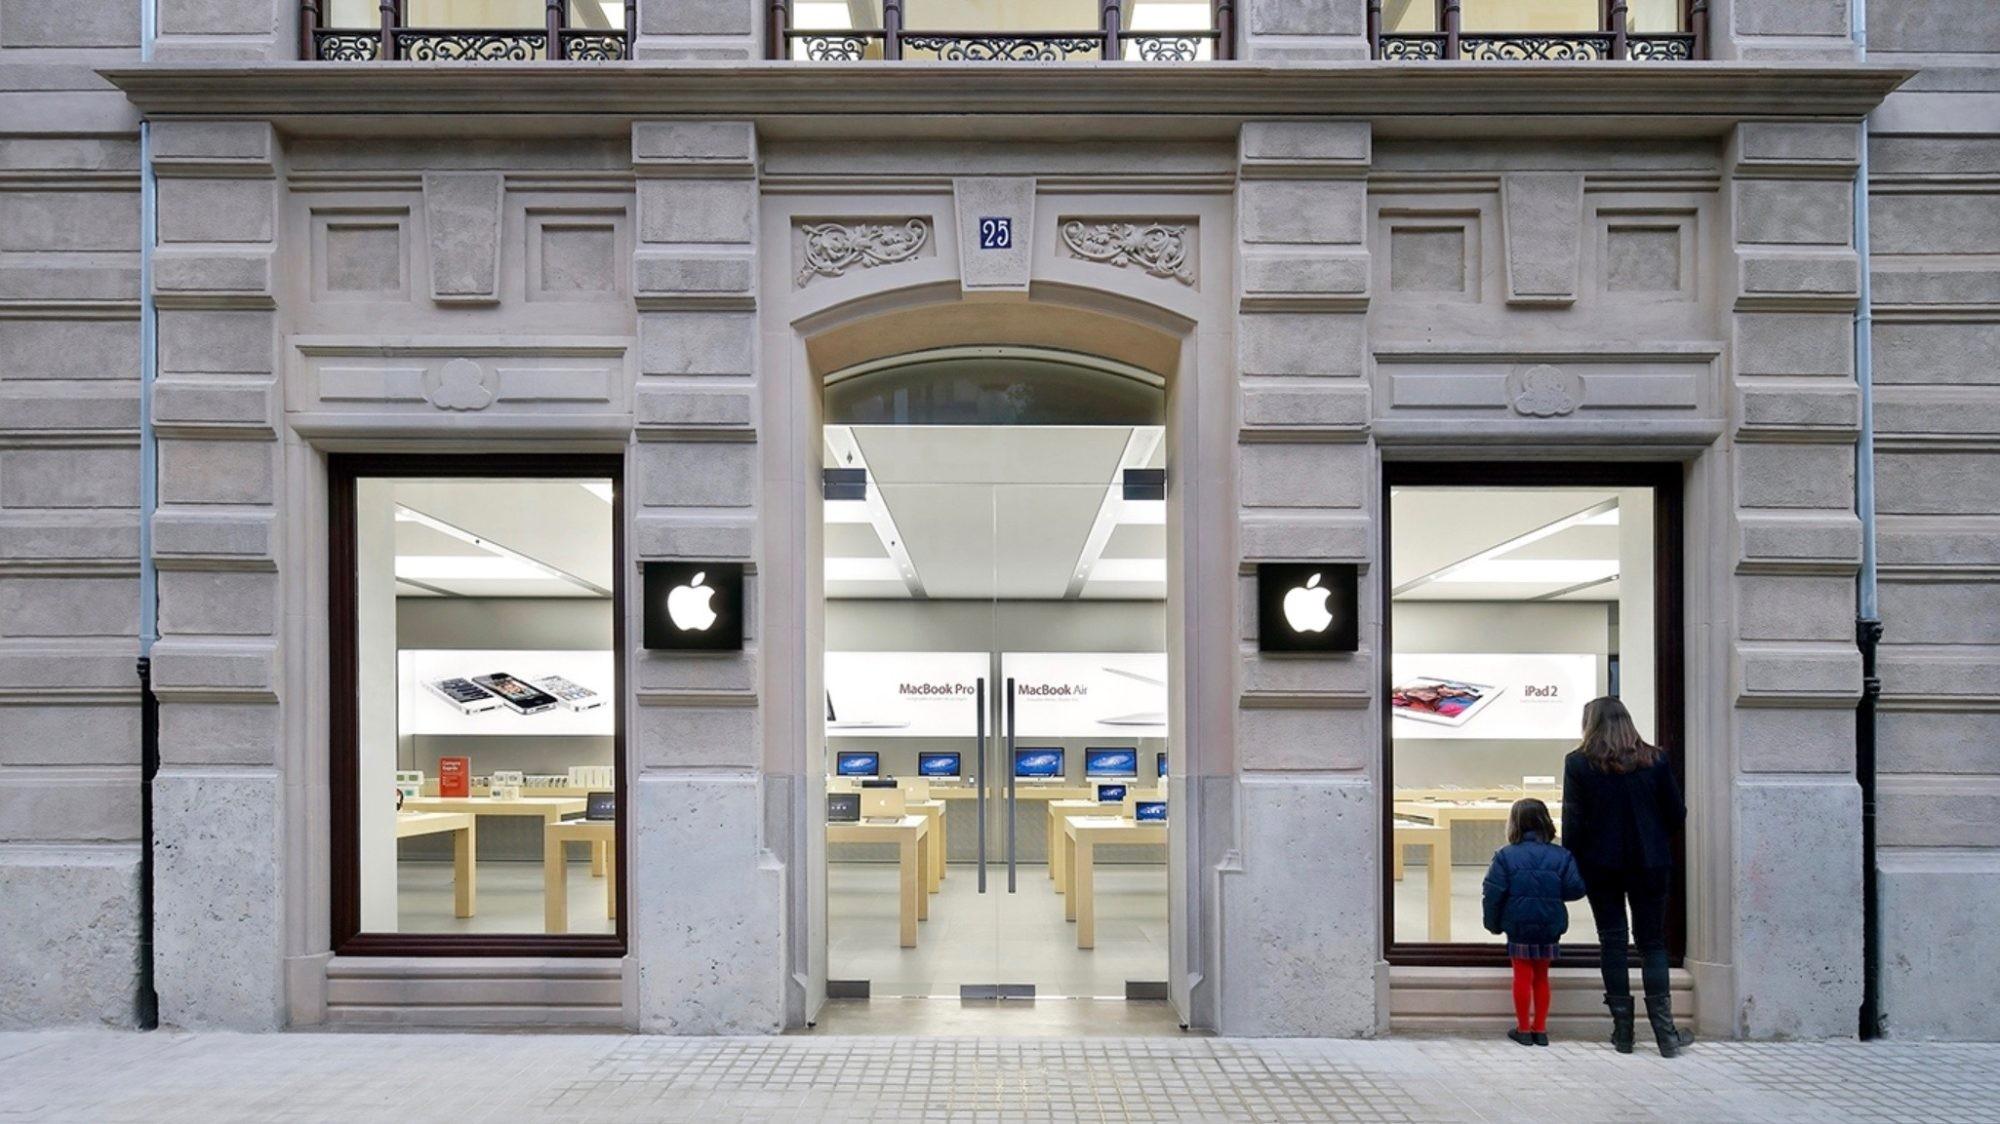 ▲蘋果產品在西班牙的保固期延長至3年。(圖/取自9to5mac)